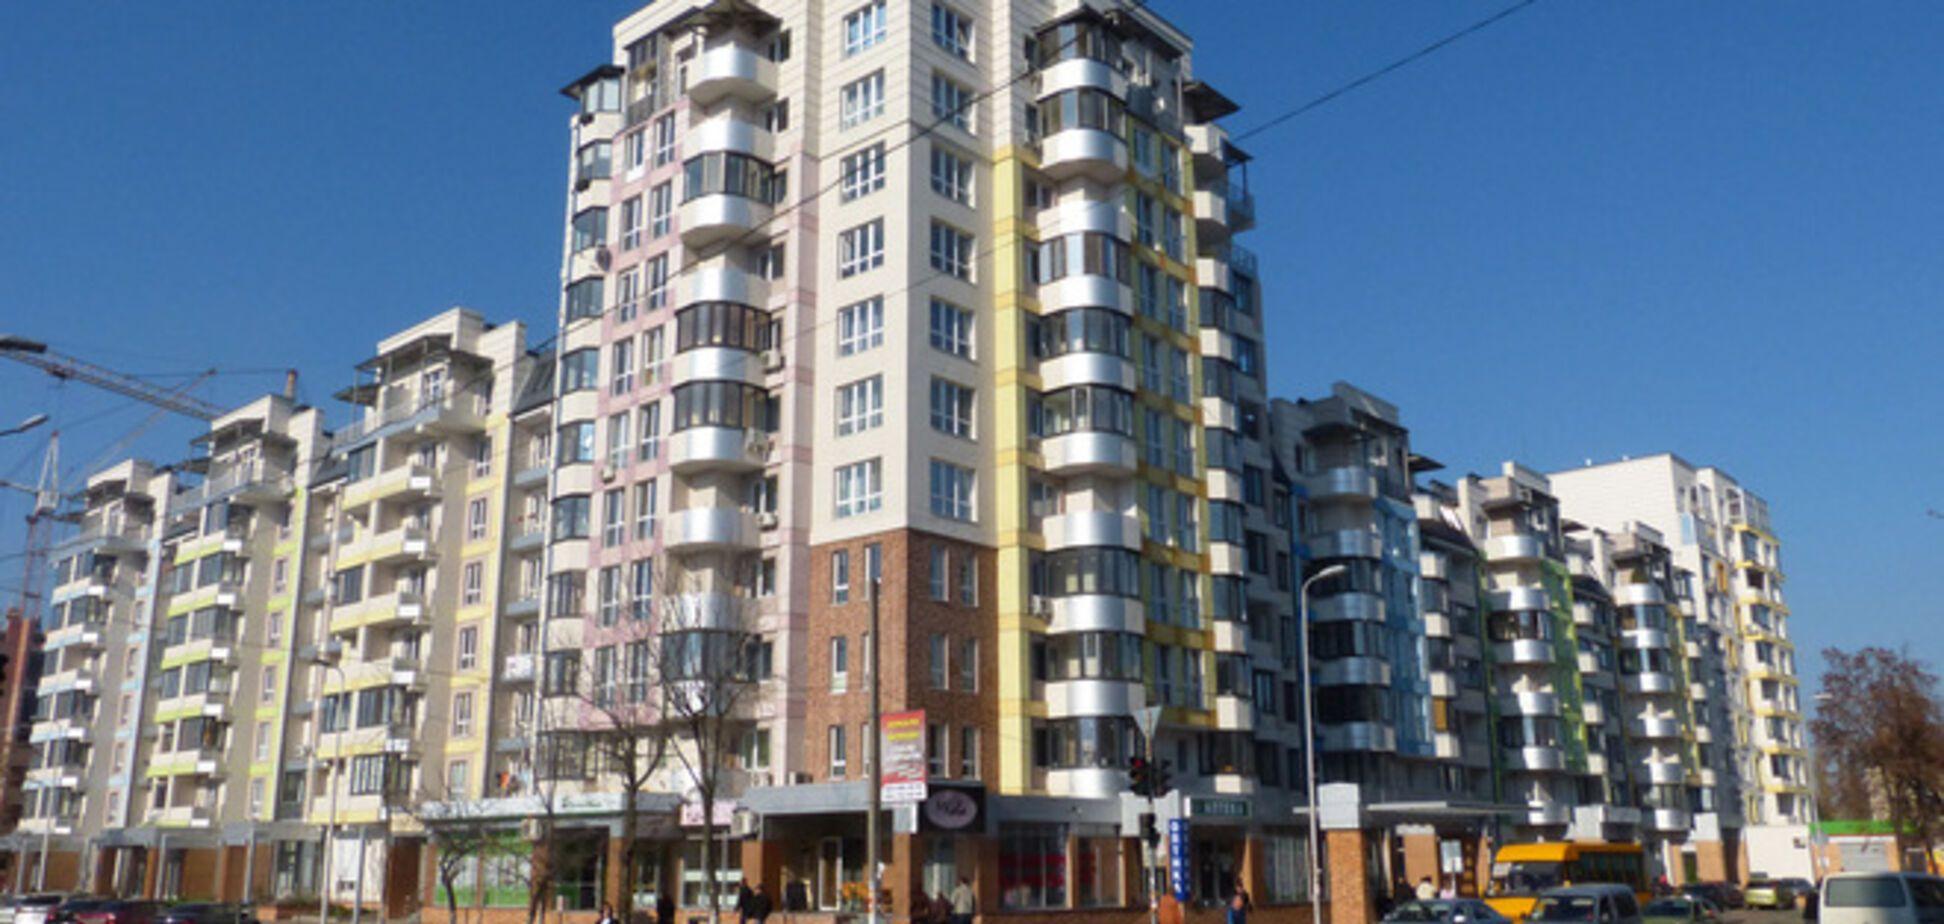 Жилье в пригороде Киева: плюсы и минусы